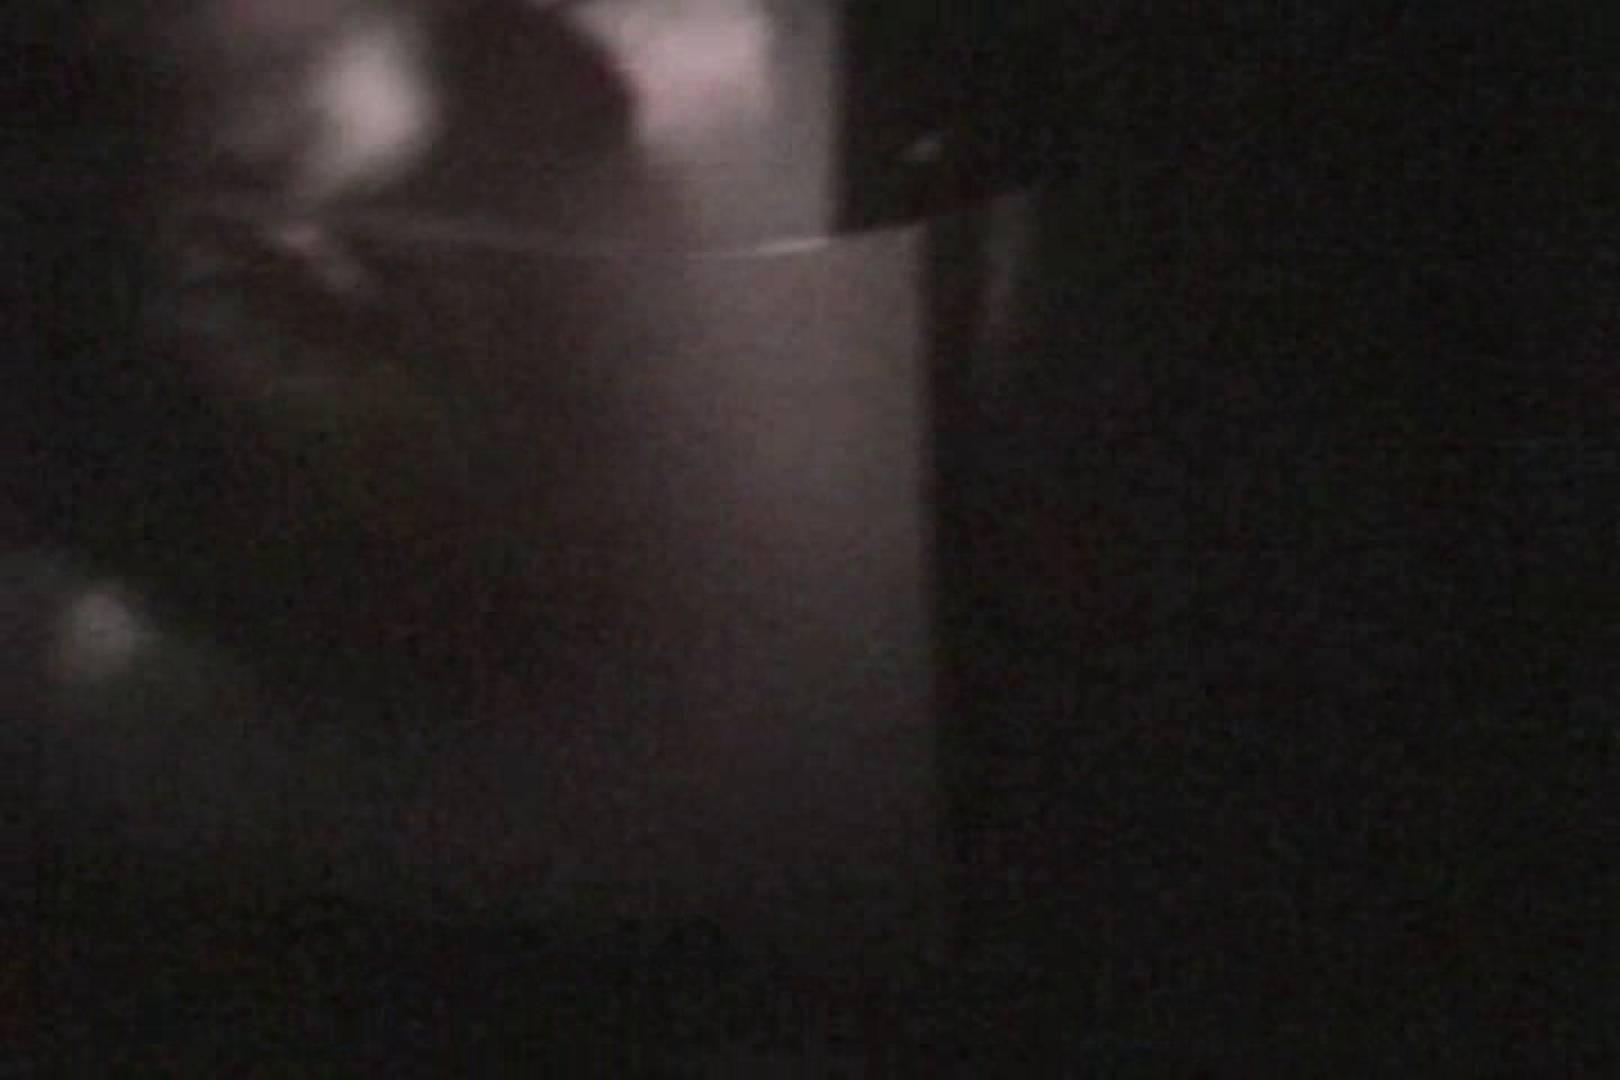 蔵出し!!赤外線カーセックスVol.22 カップル ワレメ動画紹介 75pic 39